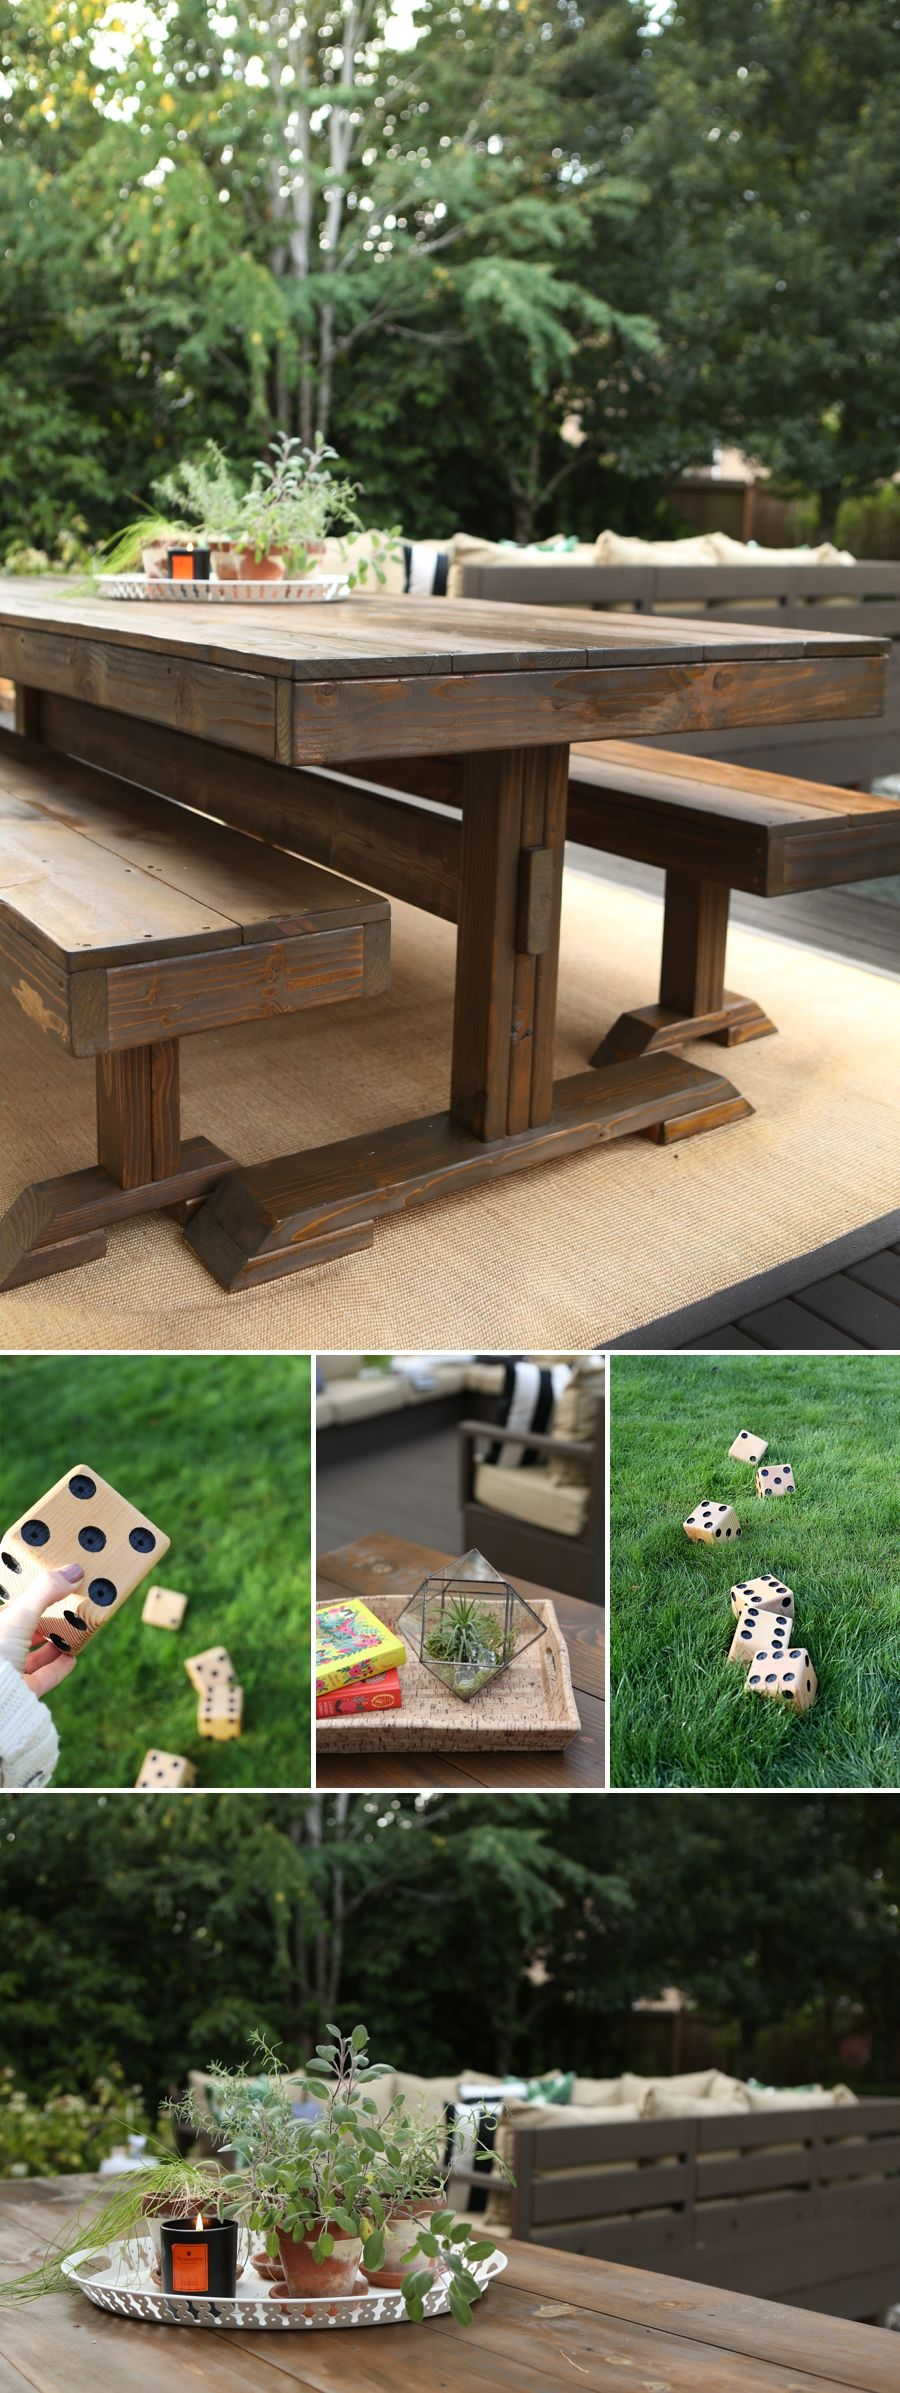 Diy pottery barn farm table outdoor backyard outdoor